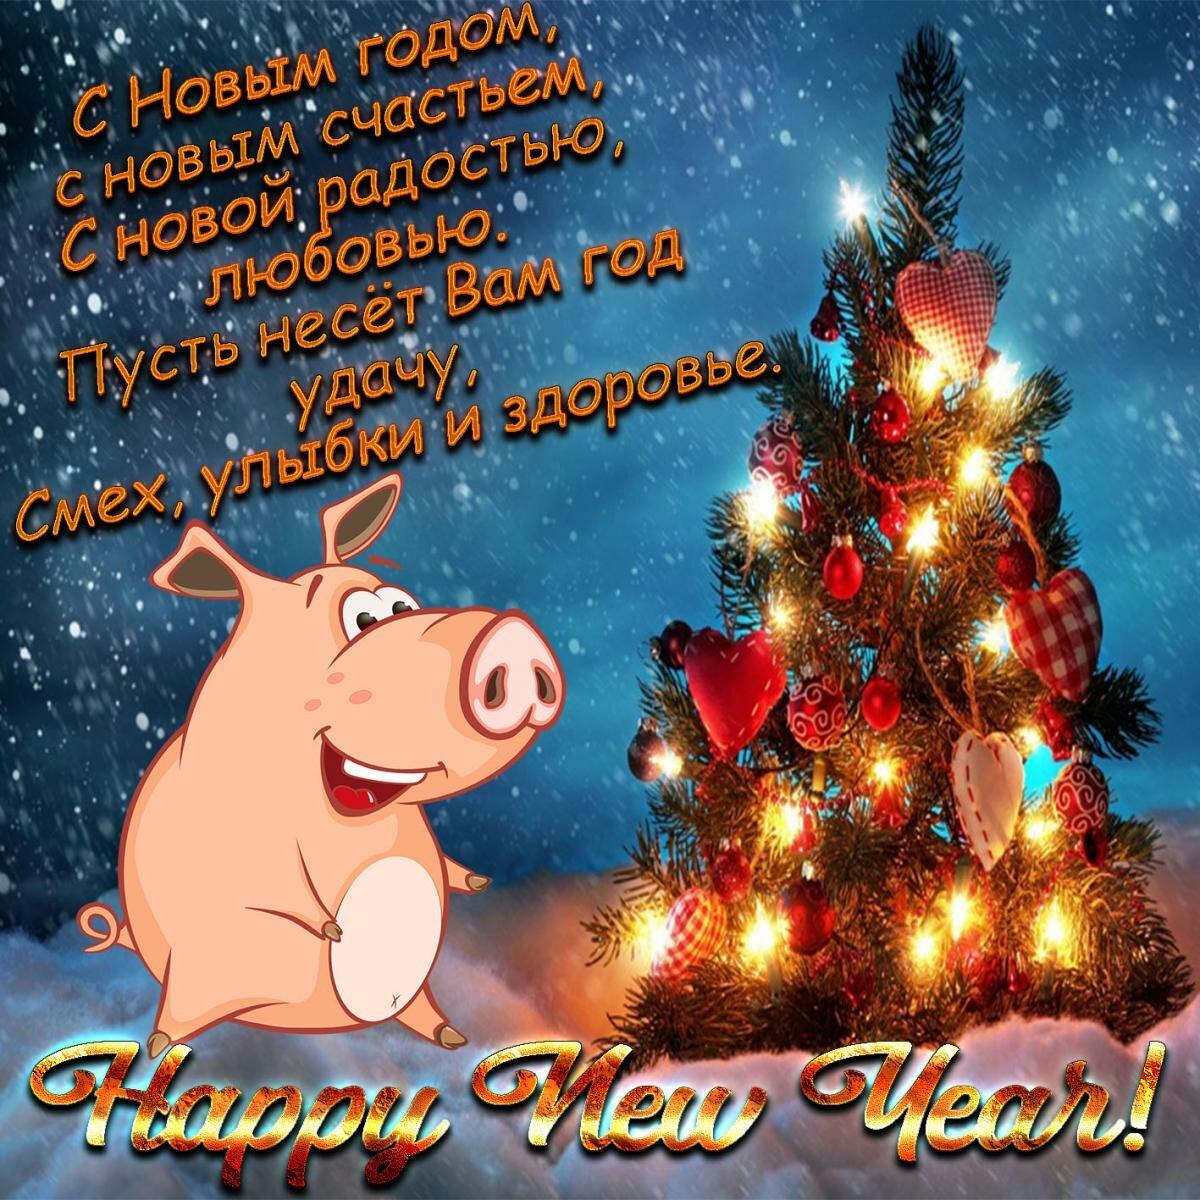 С новым годом открытки с пожеланиями 2019, наручники для